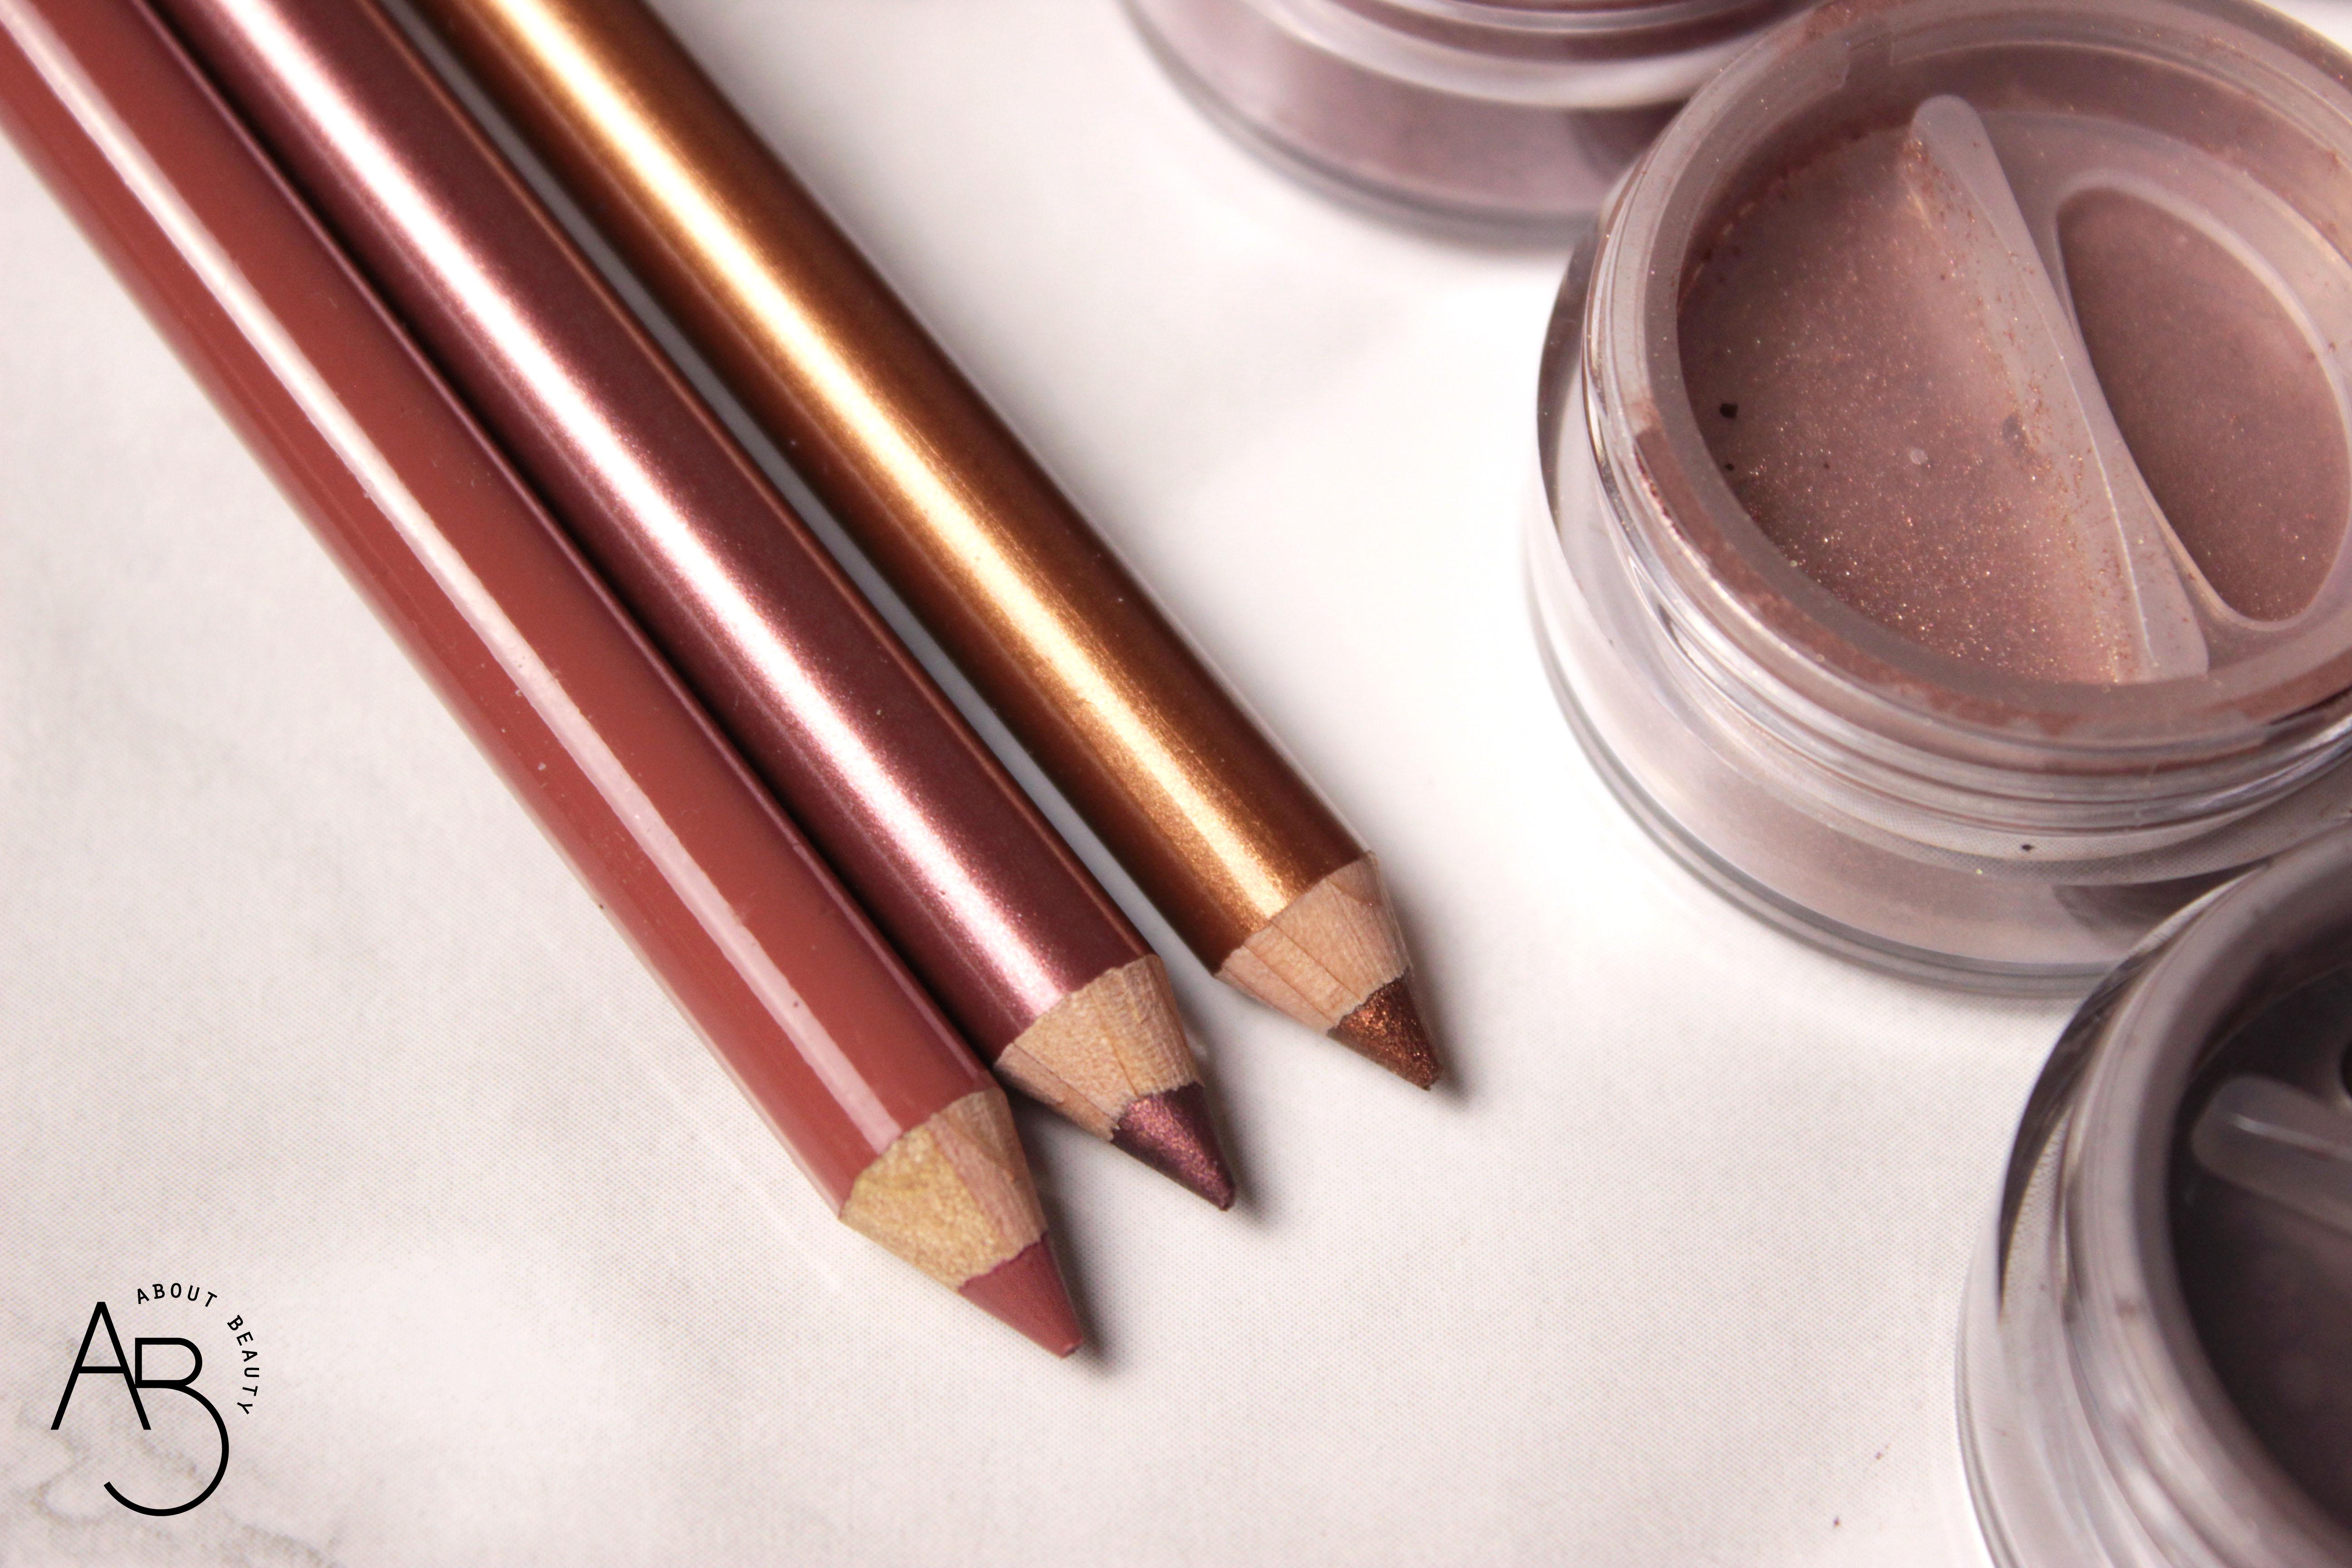 Doccia gianduiosa Neve Cosmetics - Review, recensione, info, prezzo, dove acquistare - Chocolate Valentine Promo - Pastello